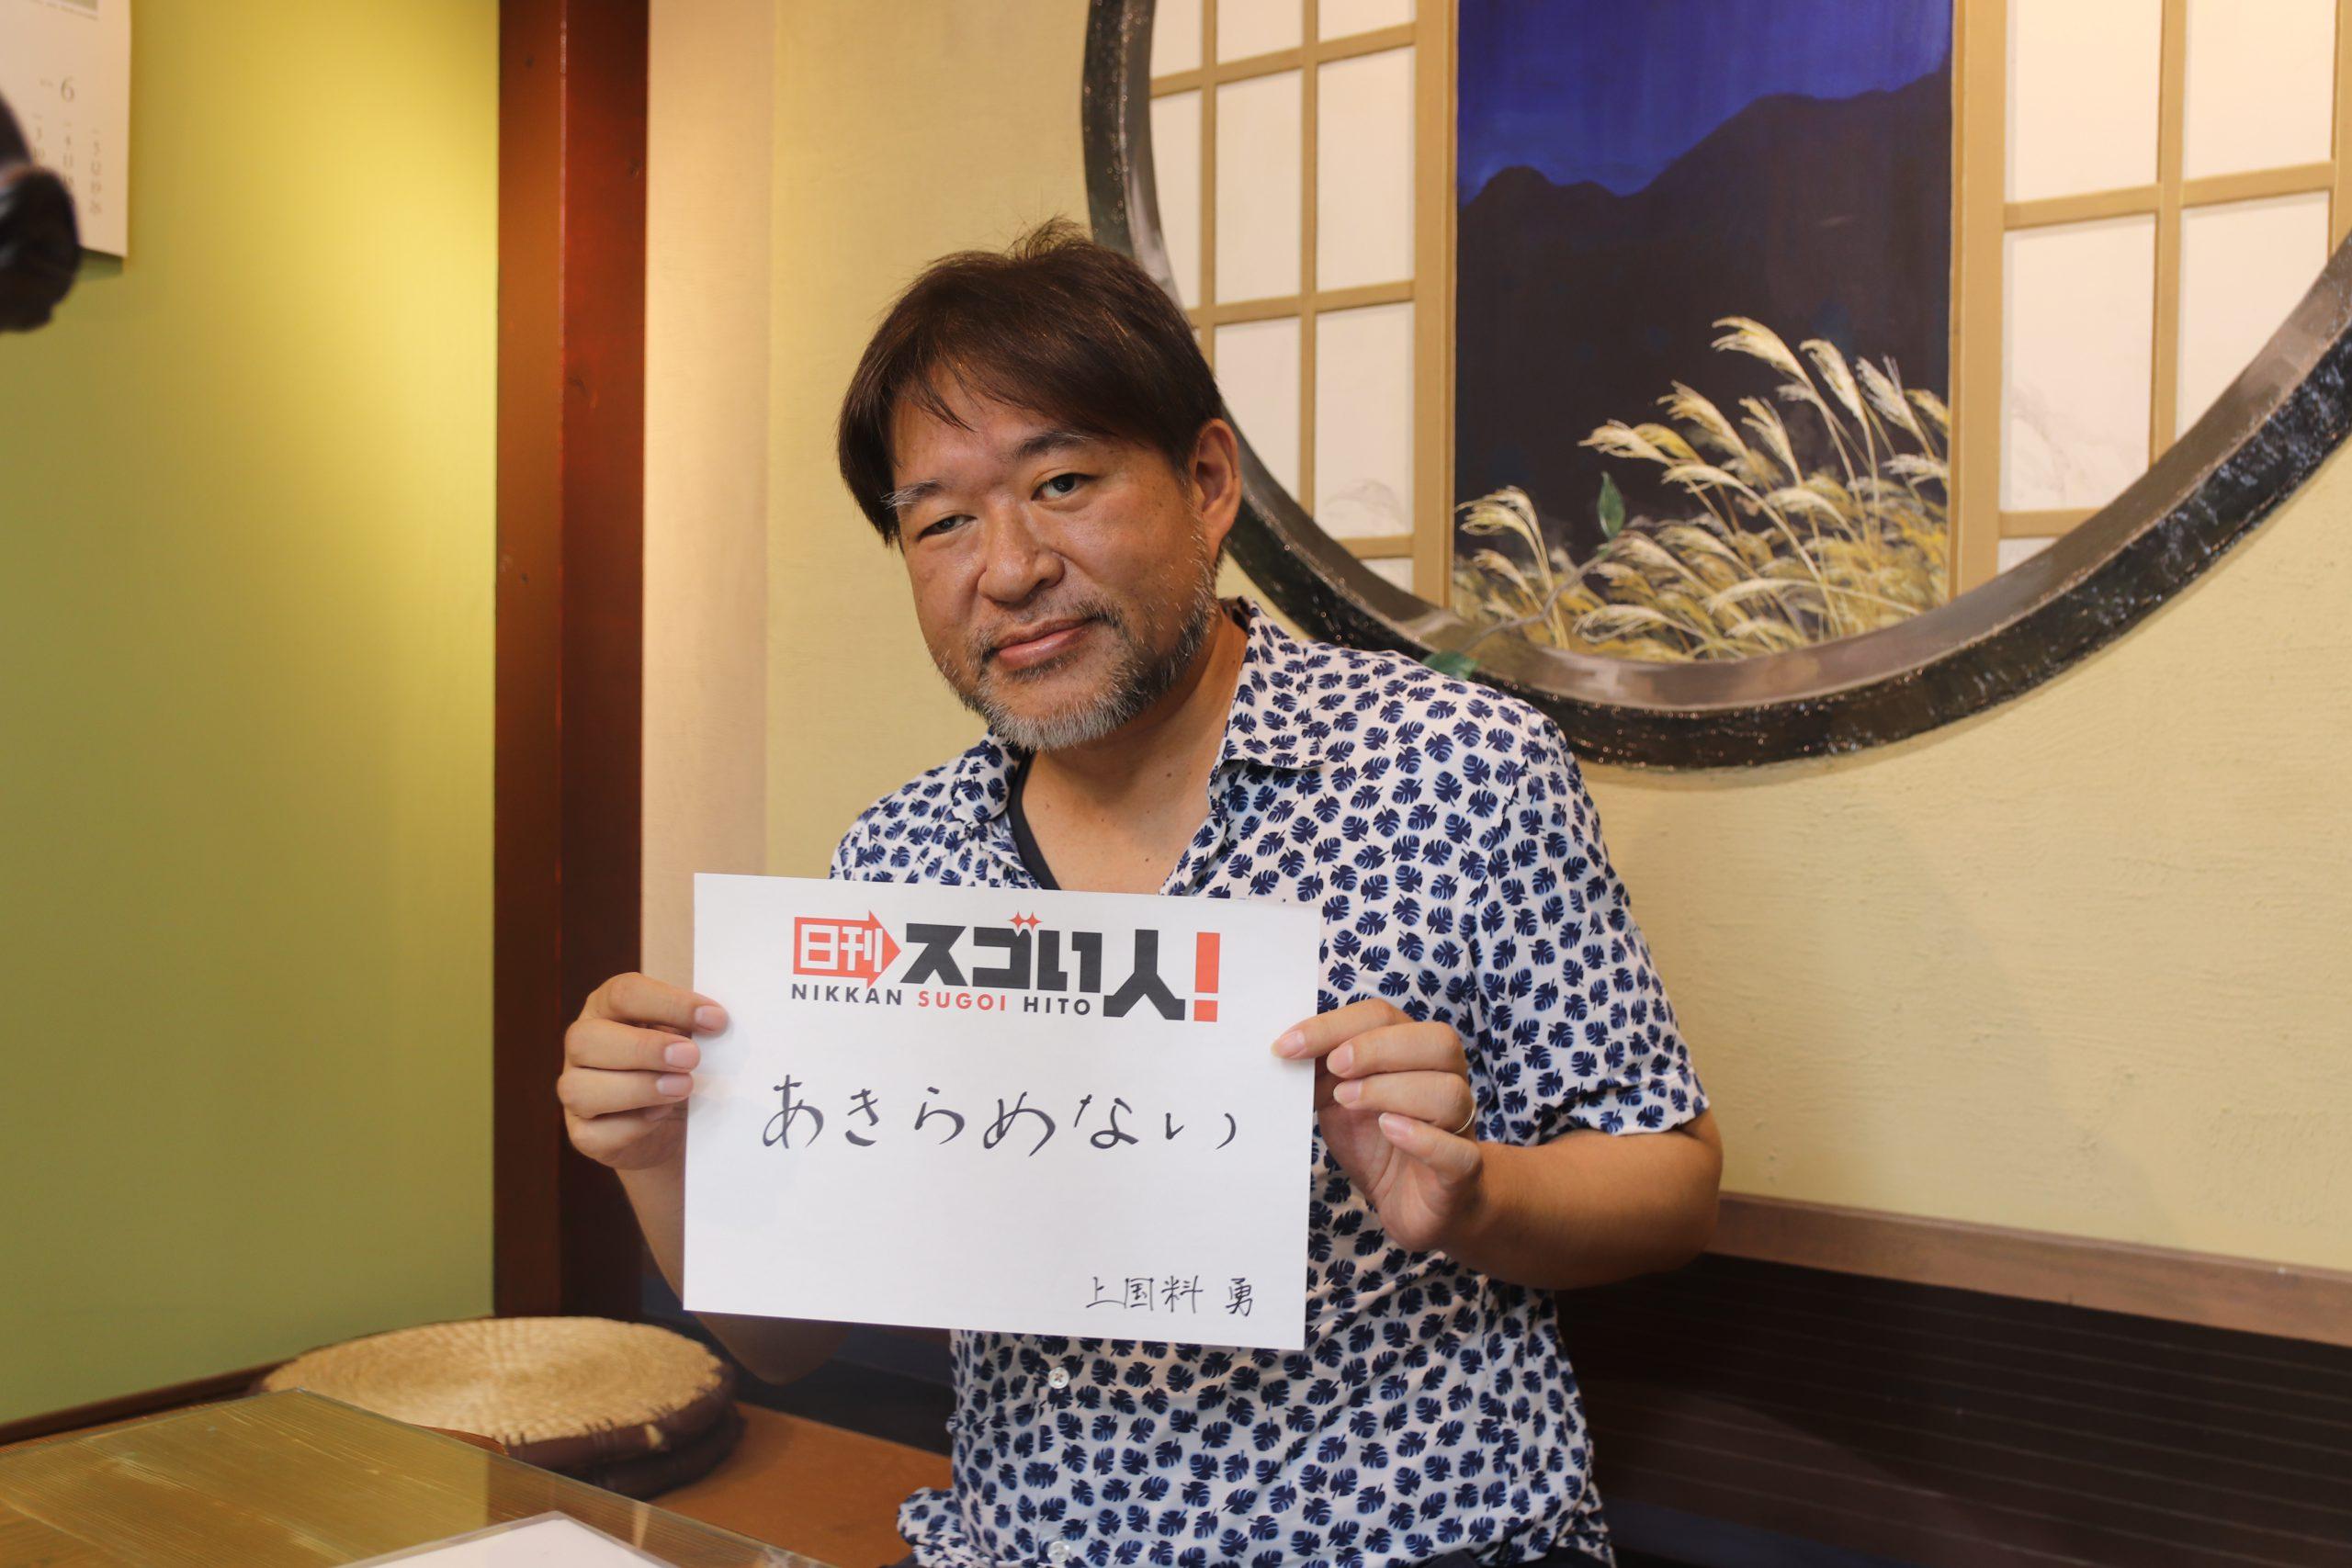 (日本語) 大ヒットゲームやアニメの背景を創り上げるスゴい人DAY1▶上国料勇様